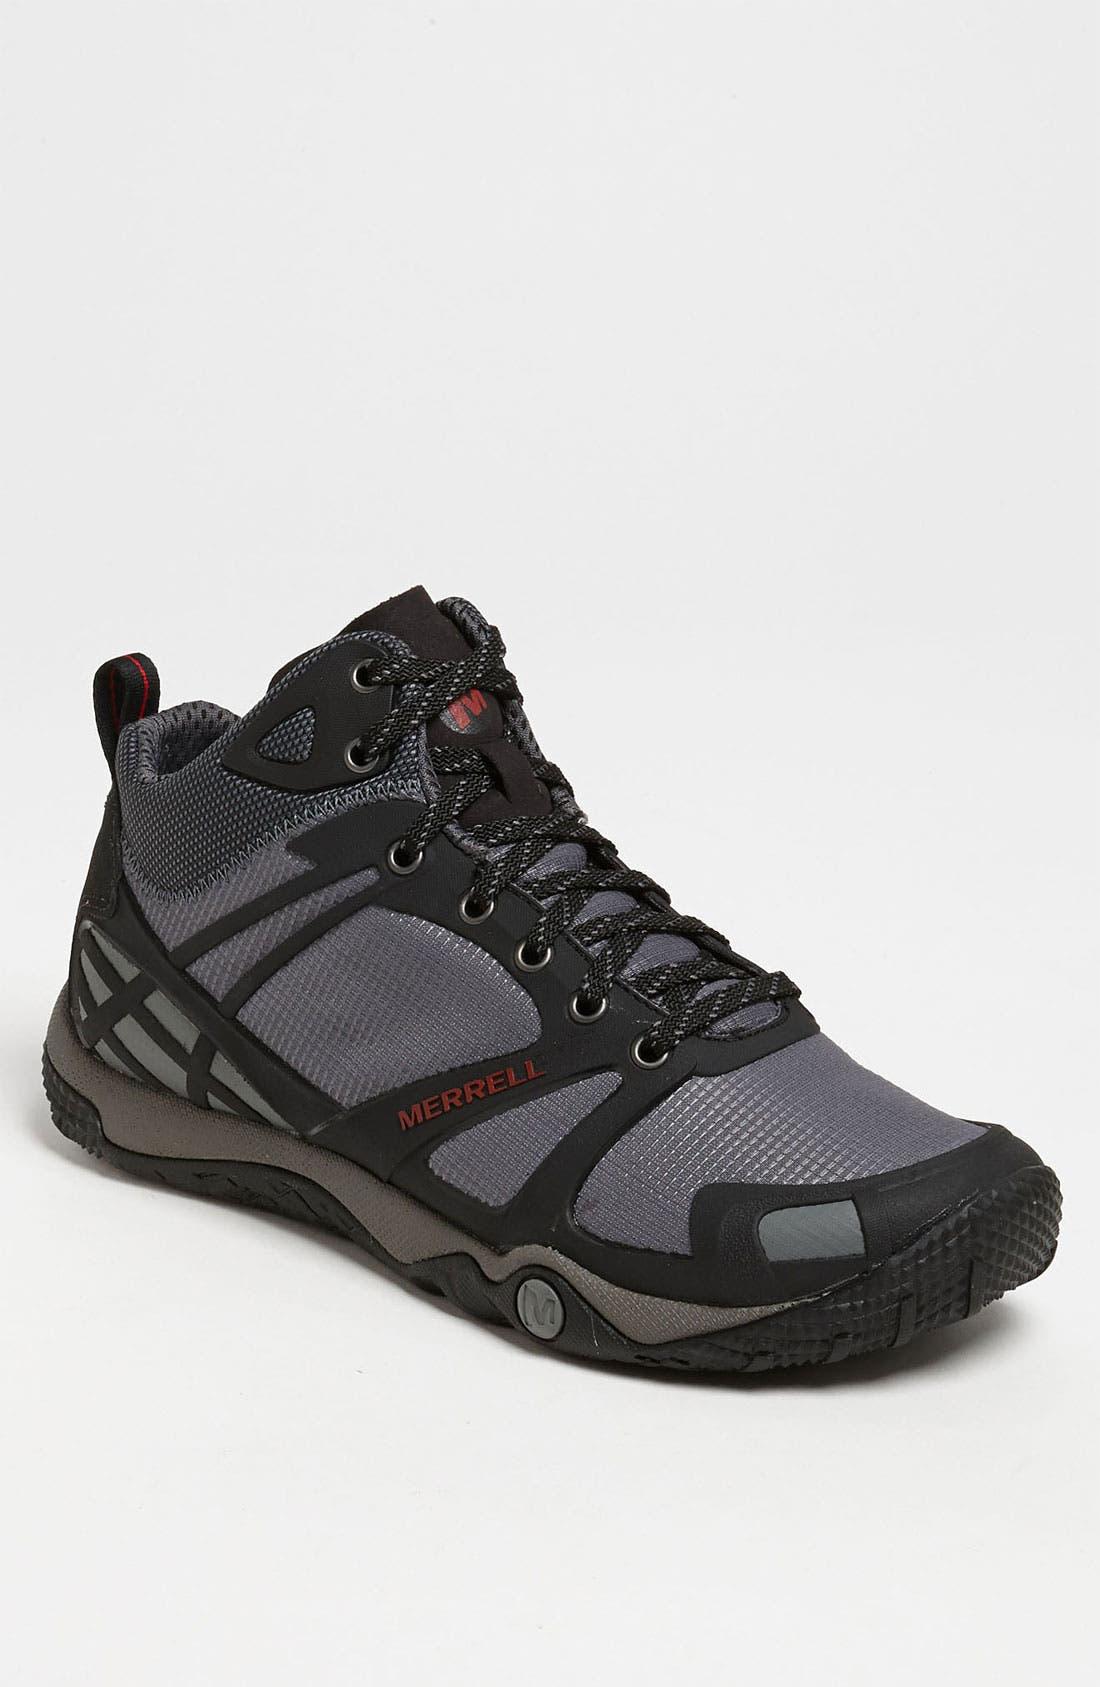 Alternate Image 1 Selected - Merrell 'Proterra Mid Sport' Hiking Boot (Men)